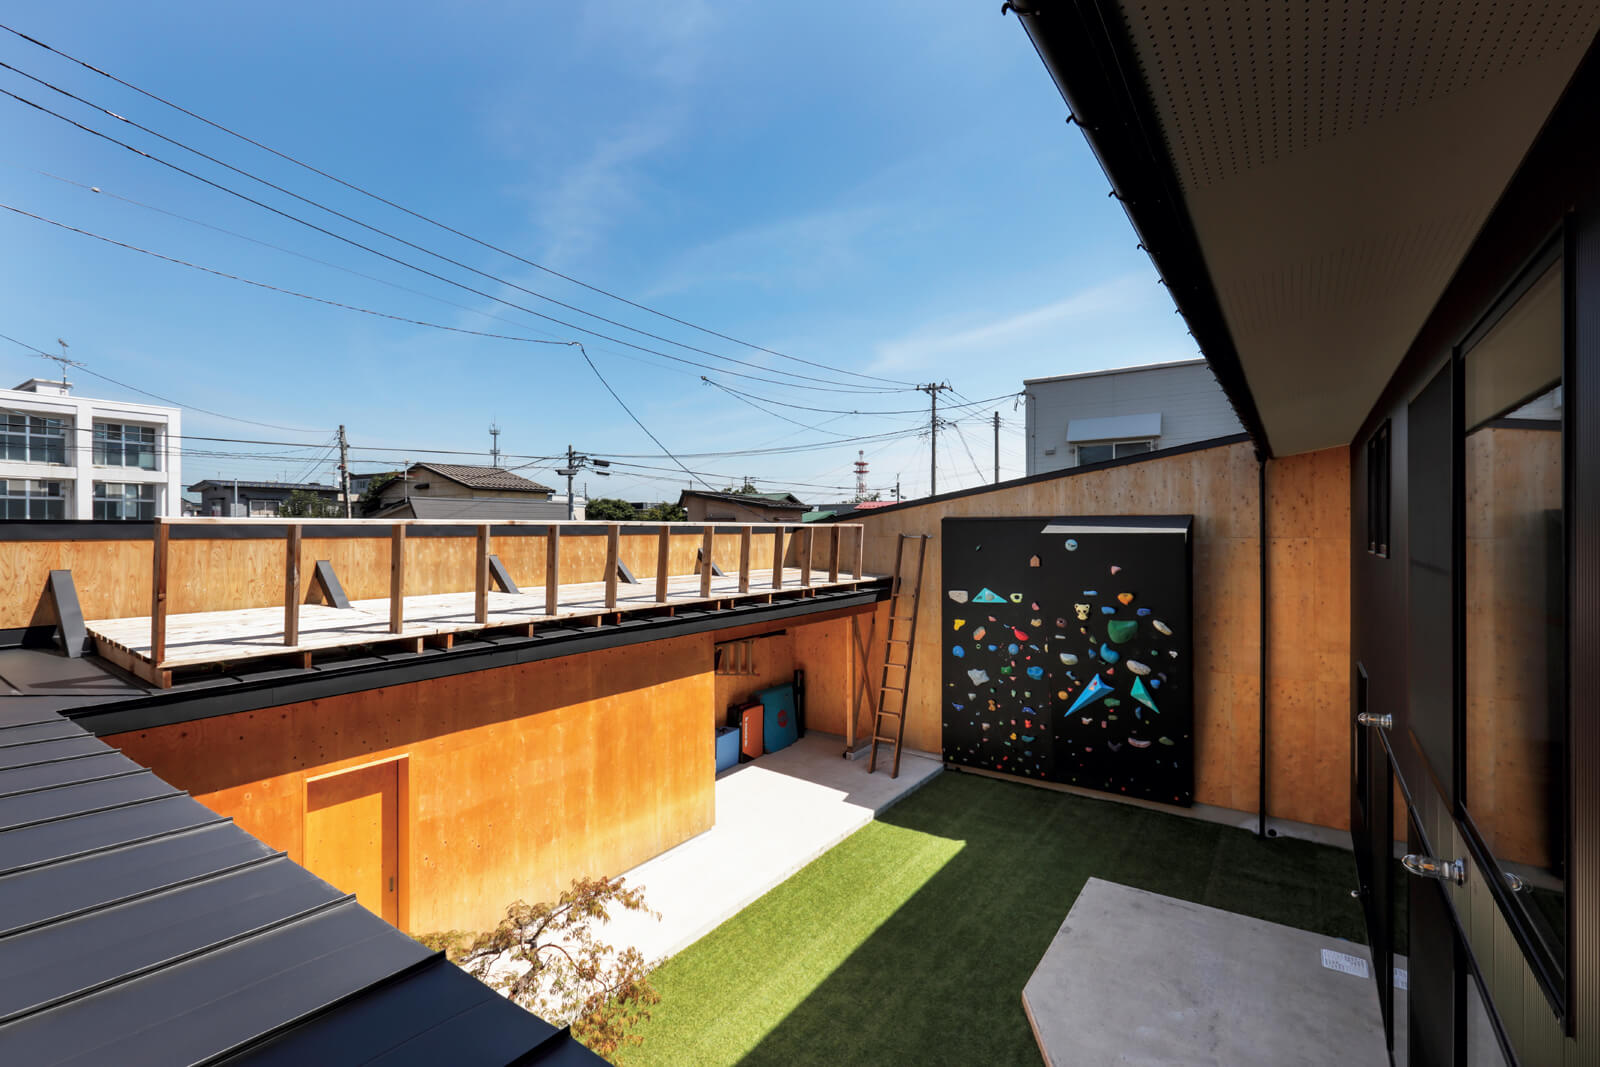 四方を建物や壁で囲まれた広い中庭にはボルダリングも。前室や外部収納の上部にはテラスが設けられ、積雪時には高低差を活かしてスキーやそり遊びもできる